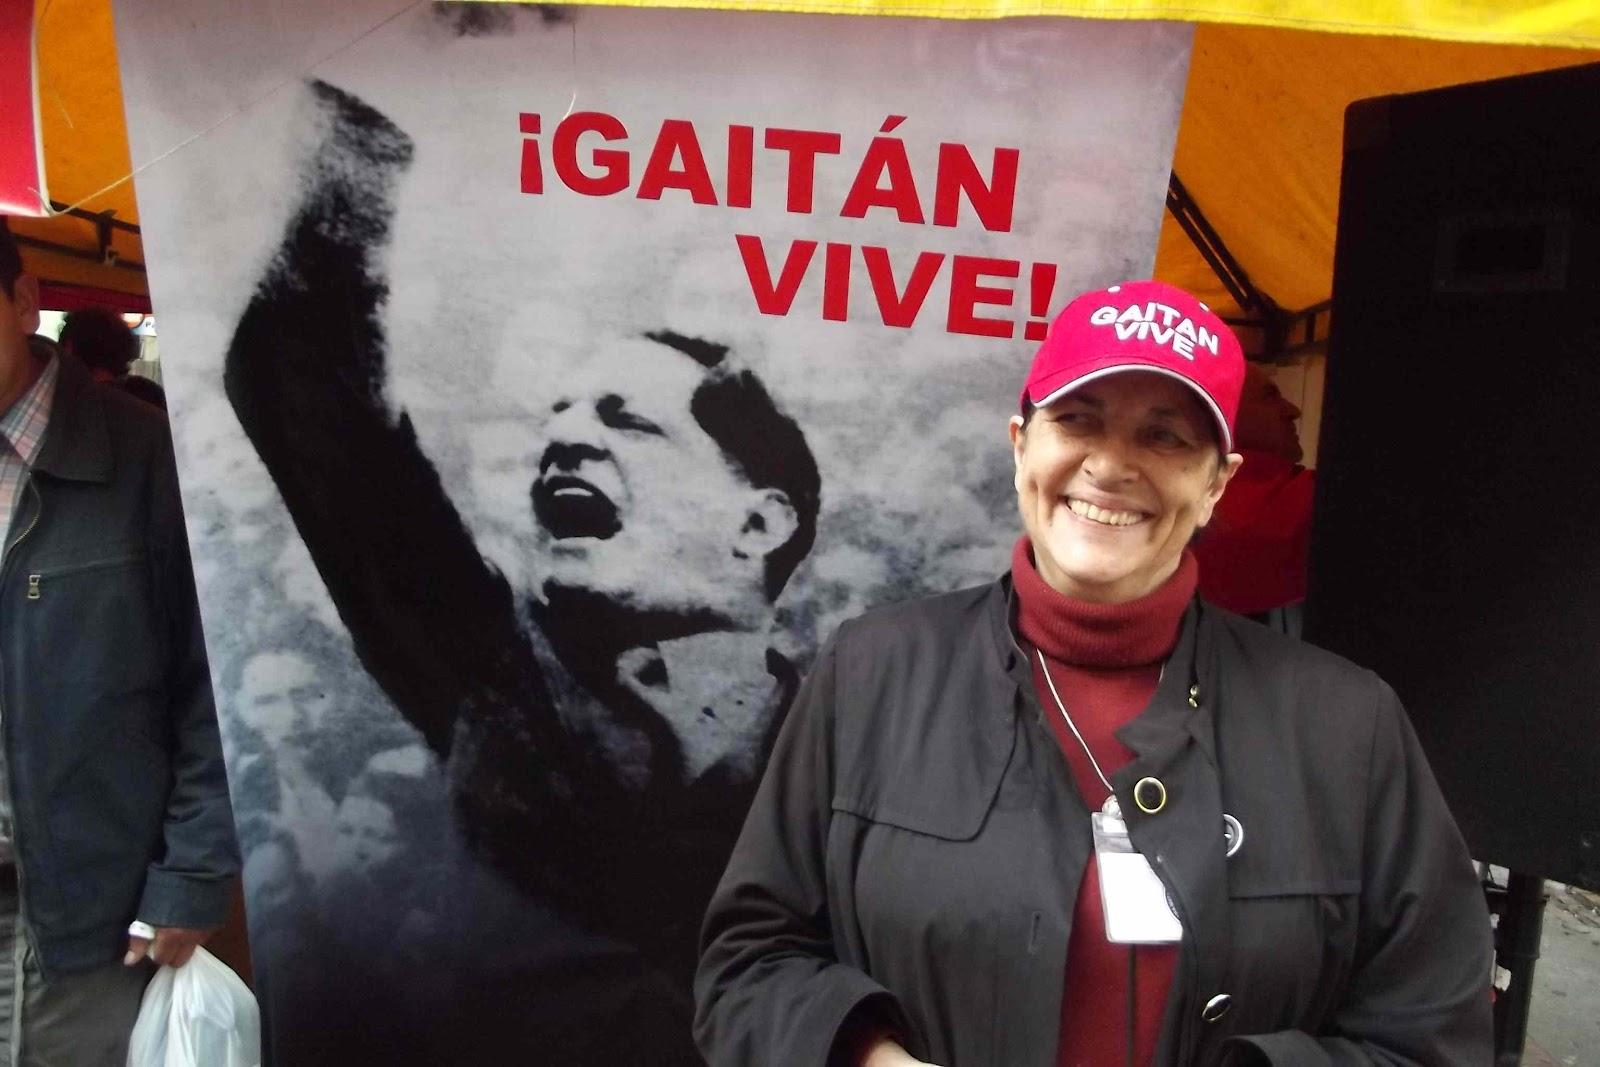 De cómo nació la guerrilla en Colombia Carta de Gloria Gaitán al estado colombiano - gloria-y-gaitan